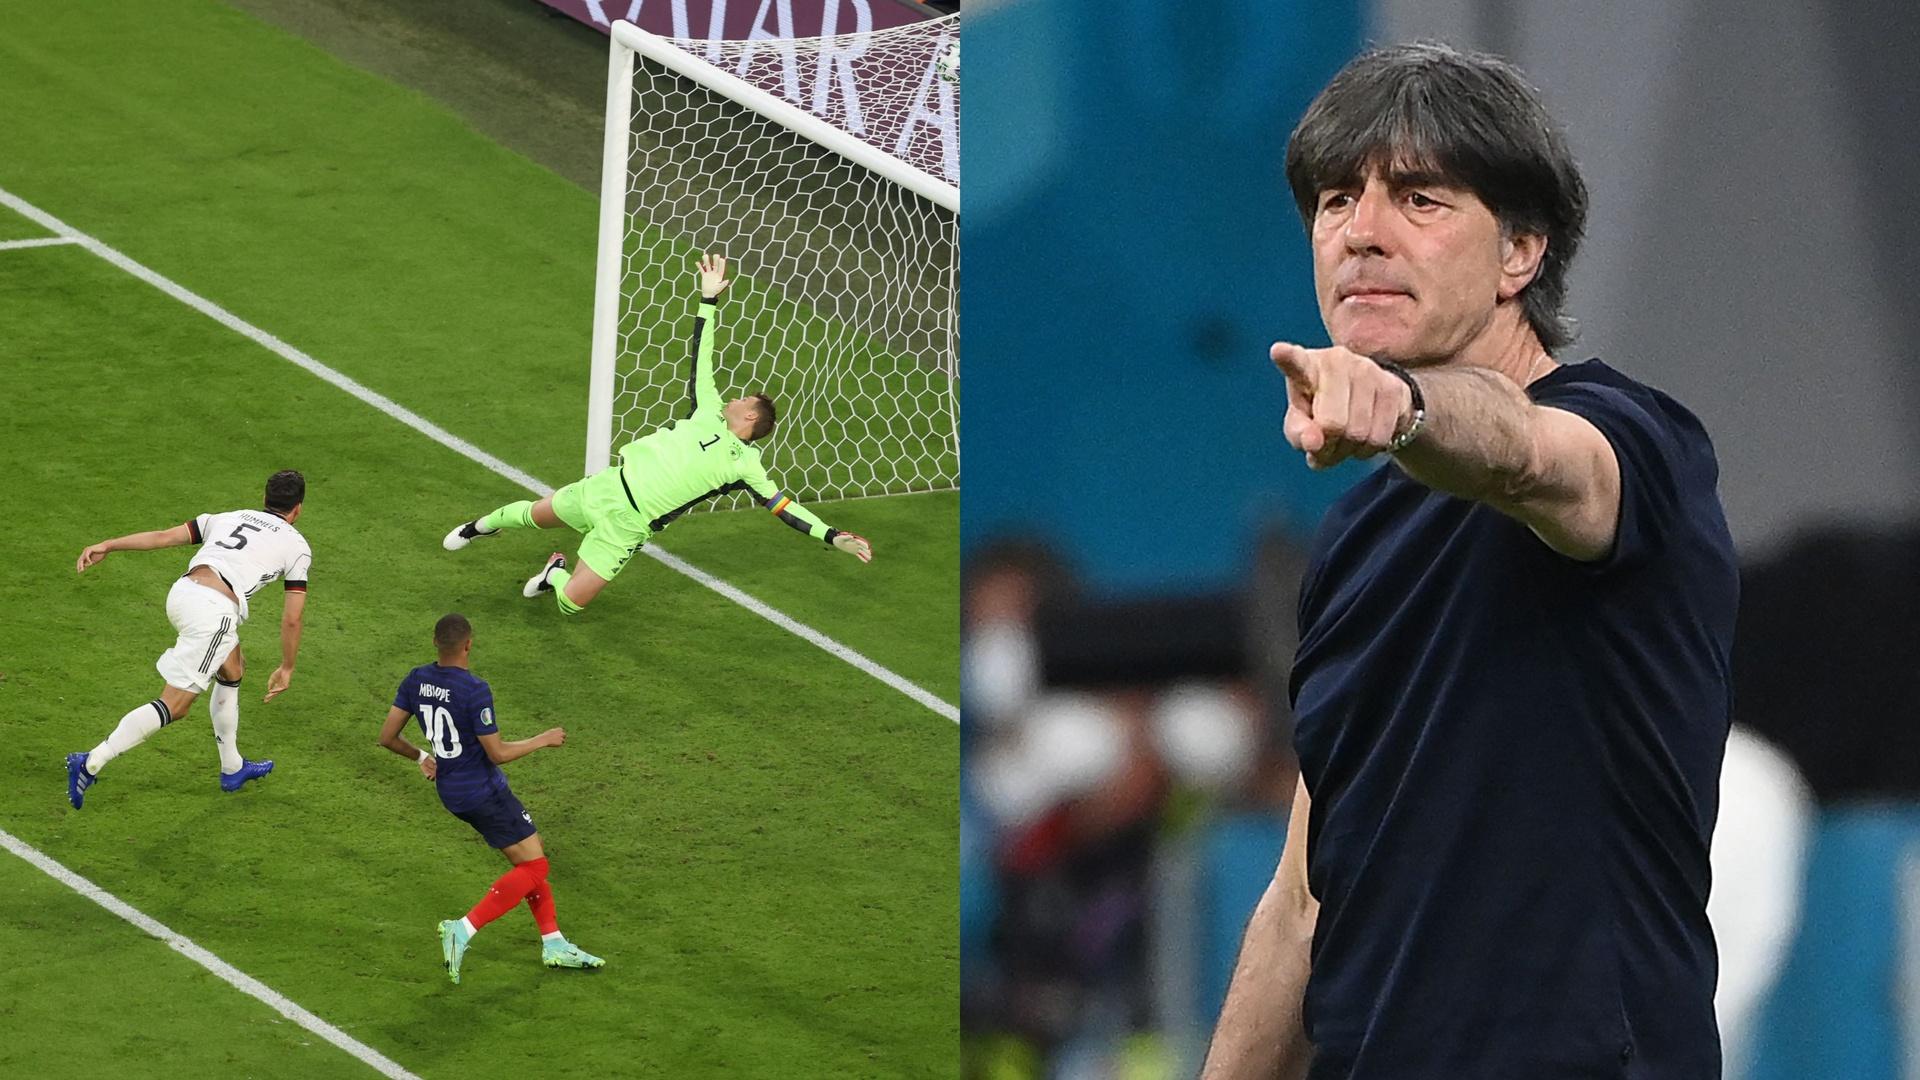 بعد الهزيمة أمام فرنسا.. لوف يرفض ذبح هوميلز